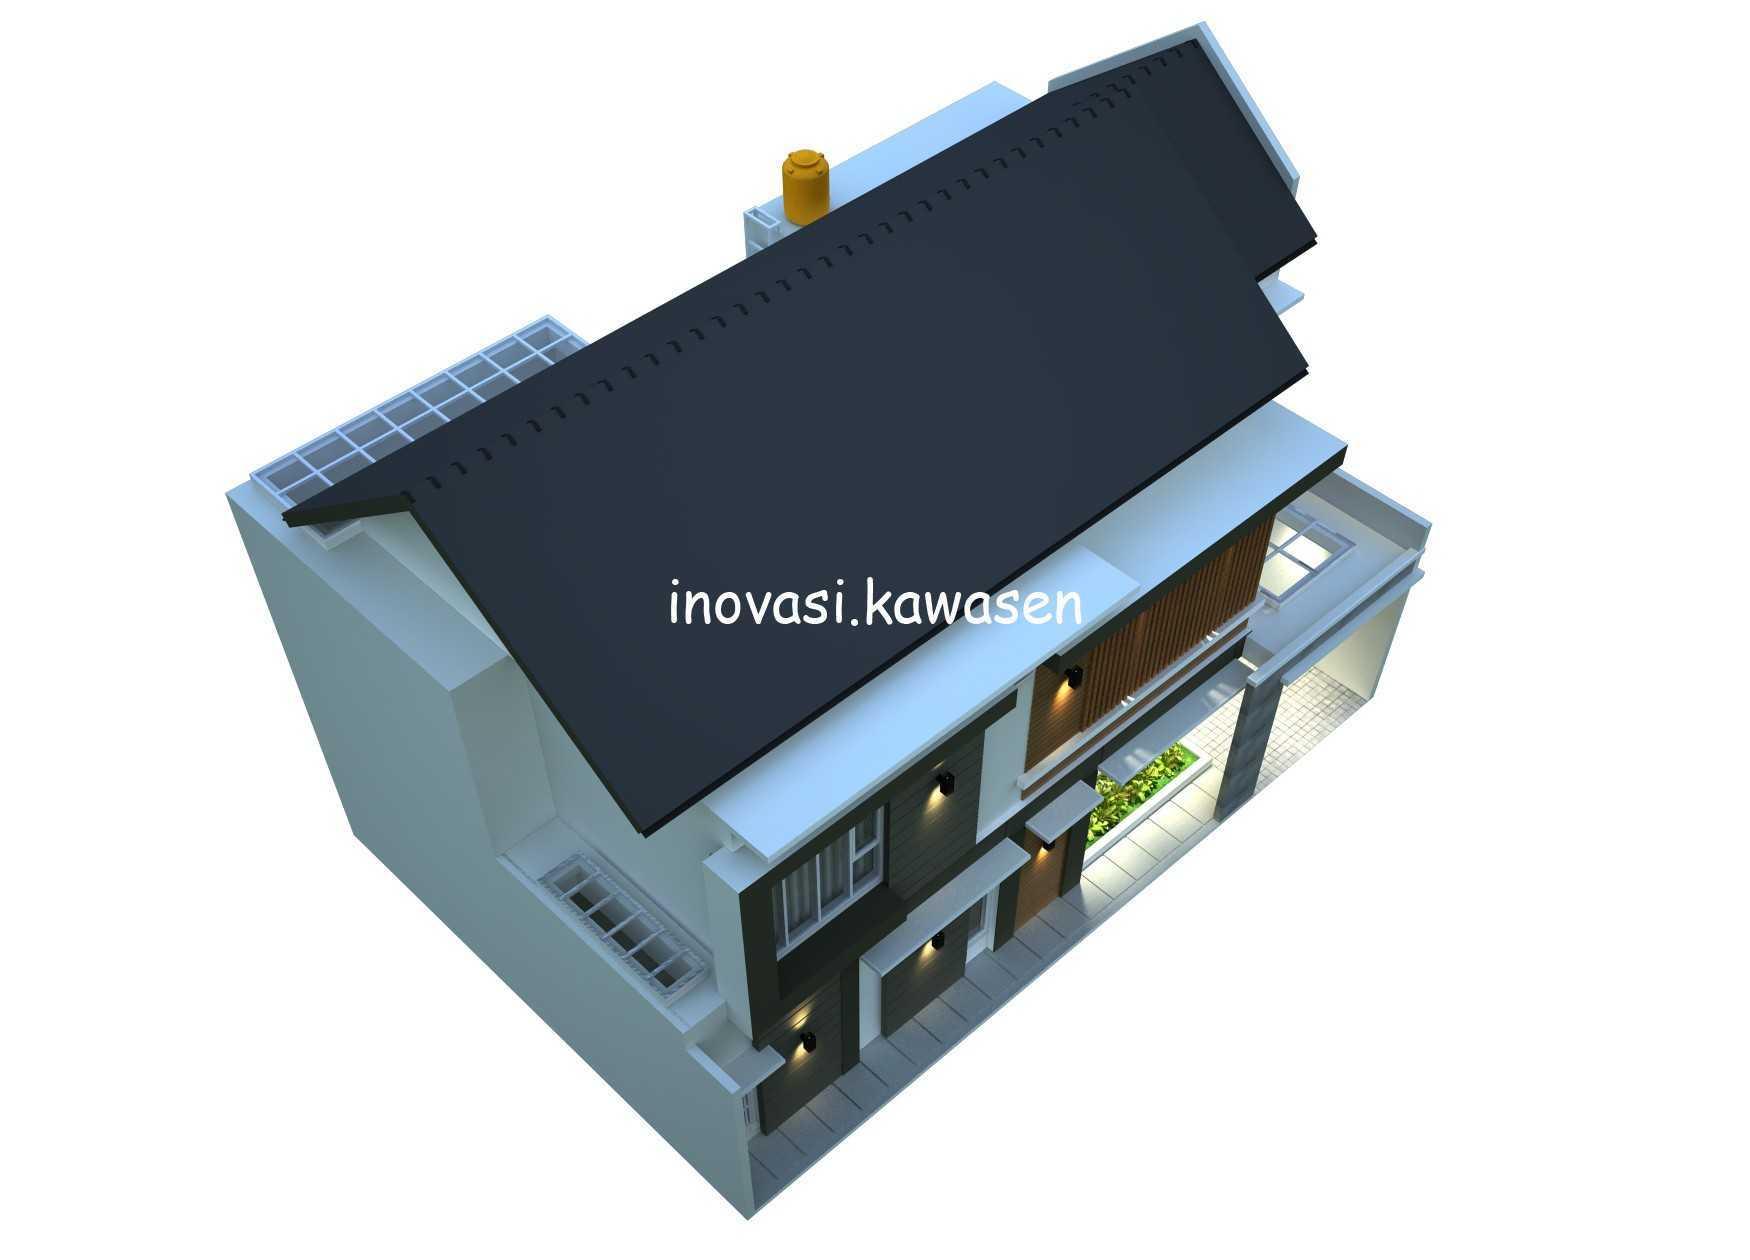 Inovasi Kawasen Rumah Tinggal Bpk.  Dimas Kota Bogor, Jawa Barat, Indonesia Kota Bogor, Jawa Barat, Indonesia Inovasi-Kawasen-Rumah-Tinggal-Bpk-Dimas  89827